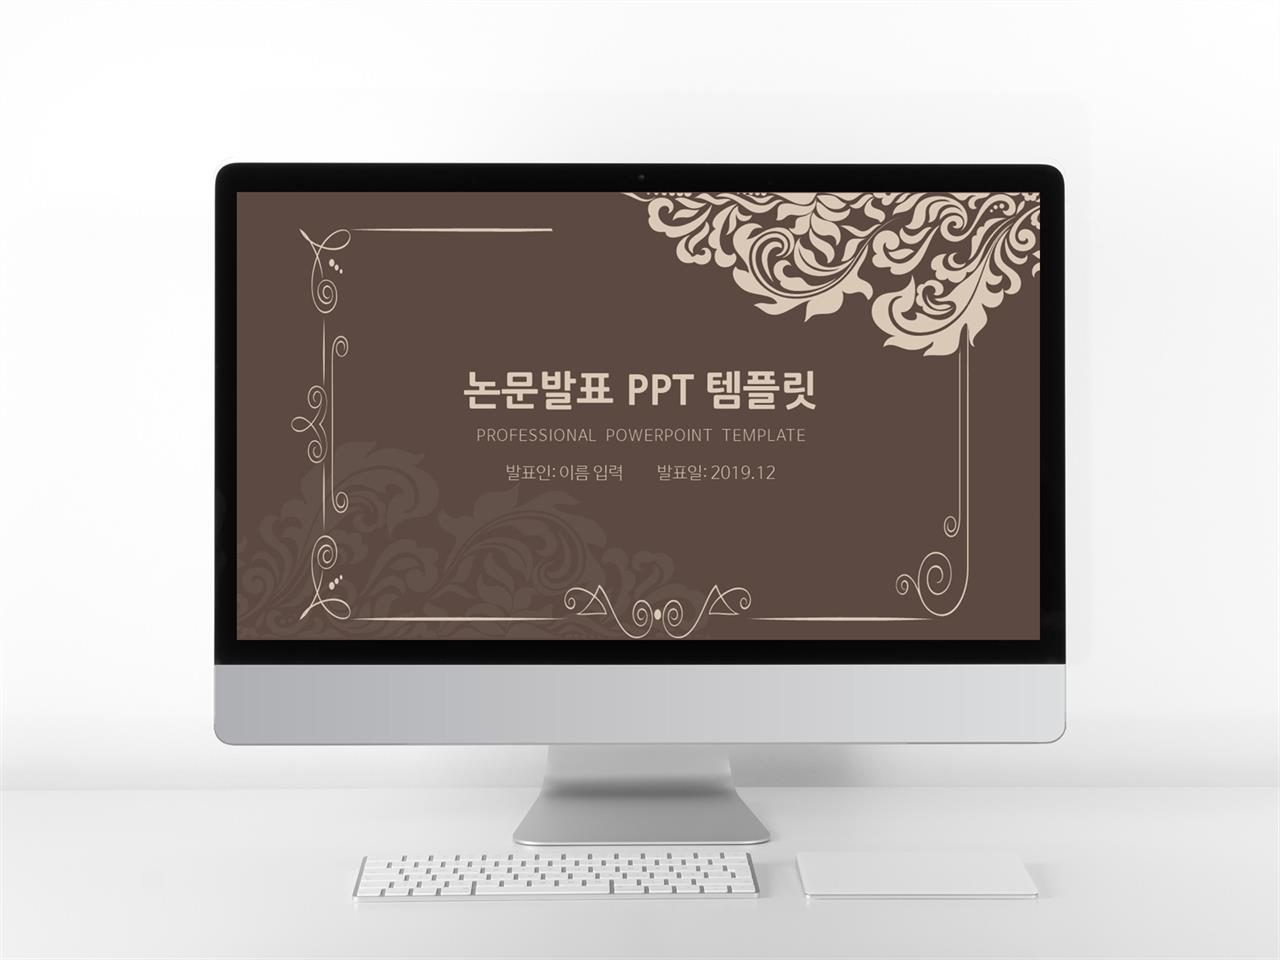 논문심사 갈색 클래식한 프레젠테이션 피피티테마 만들기 미리보기